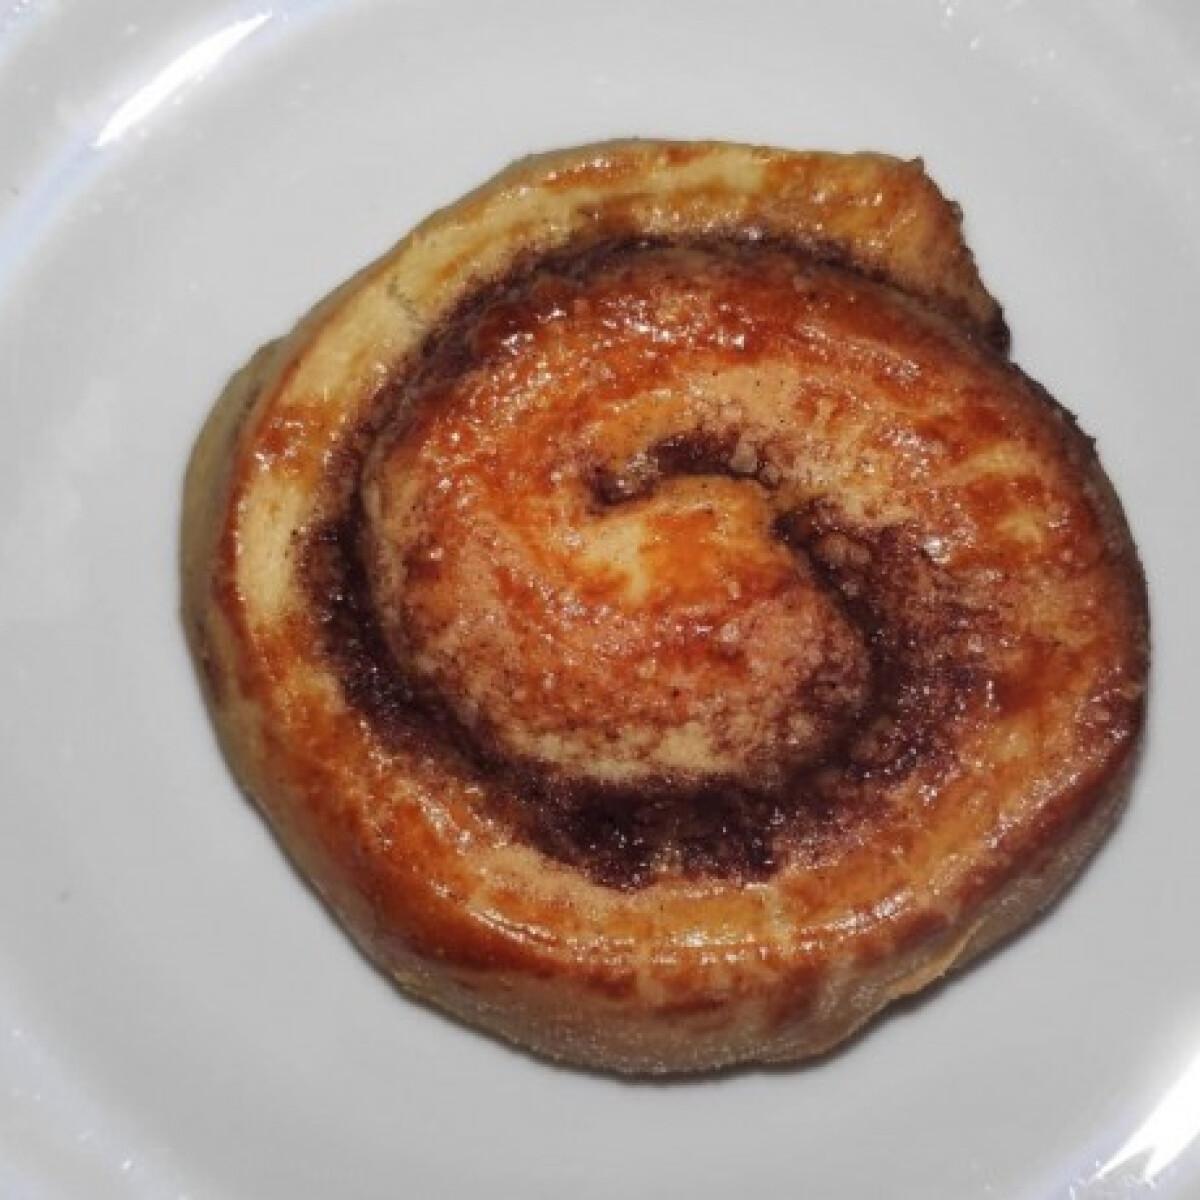 Ezen a képen: A legpuhább kelt tészta - fahéjas csiga